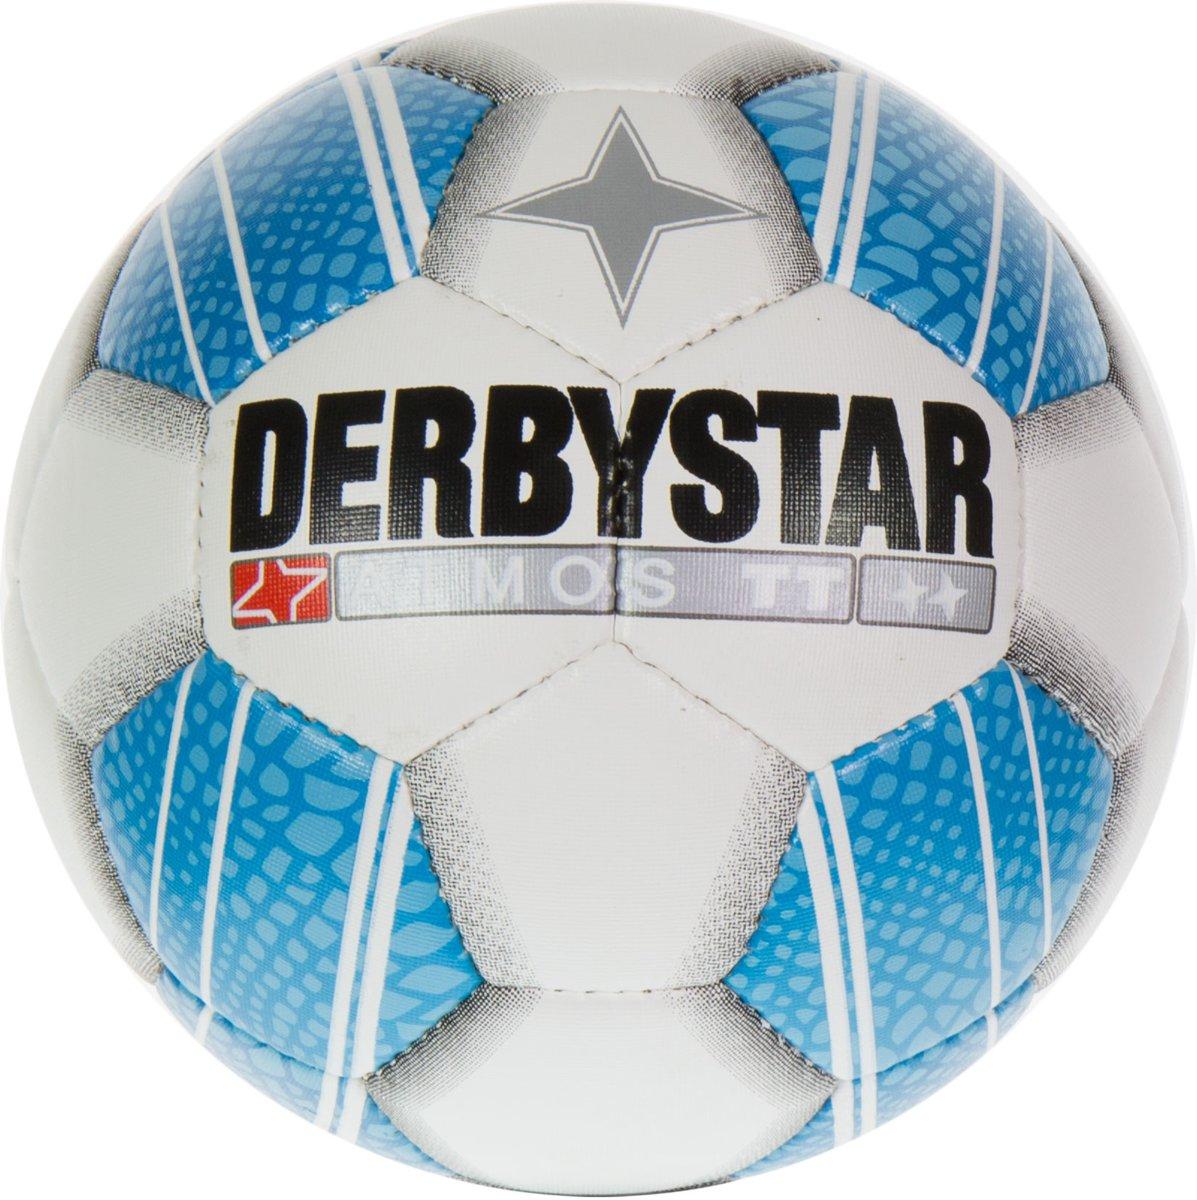 Derbystar VoetbalVolwassenen - blauw/wit